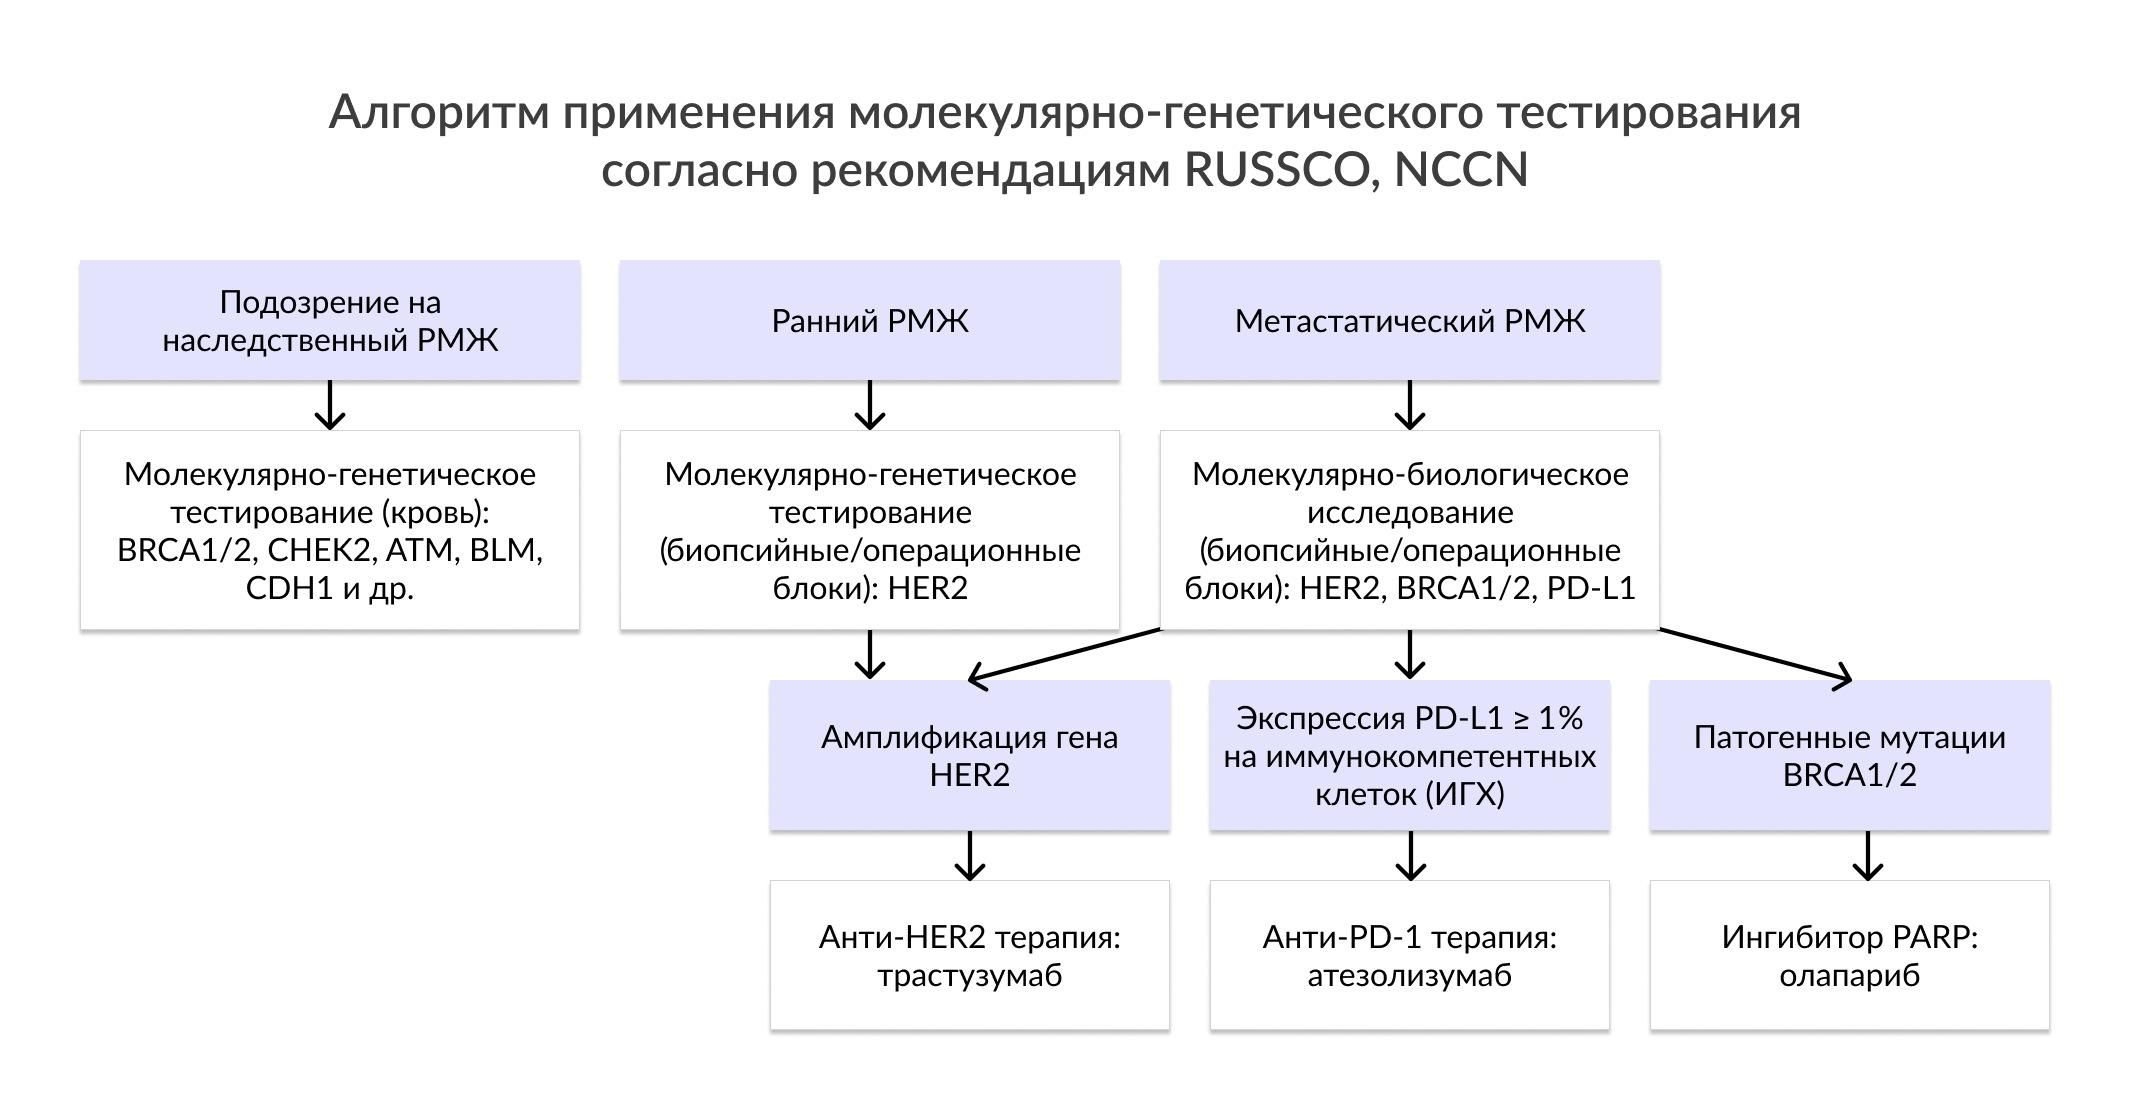 Алгоритм применения молекулярно-генетического тестирования согласно рекомендациям RUSSCO, NCCN